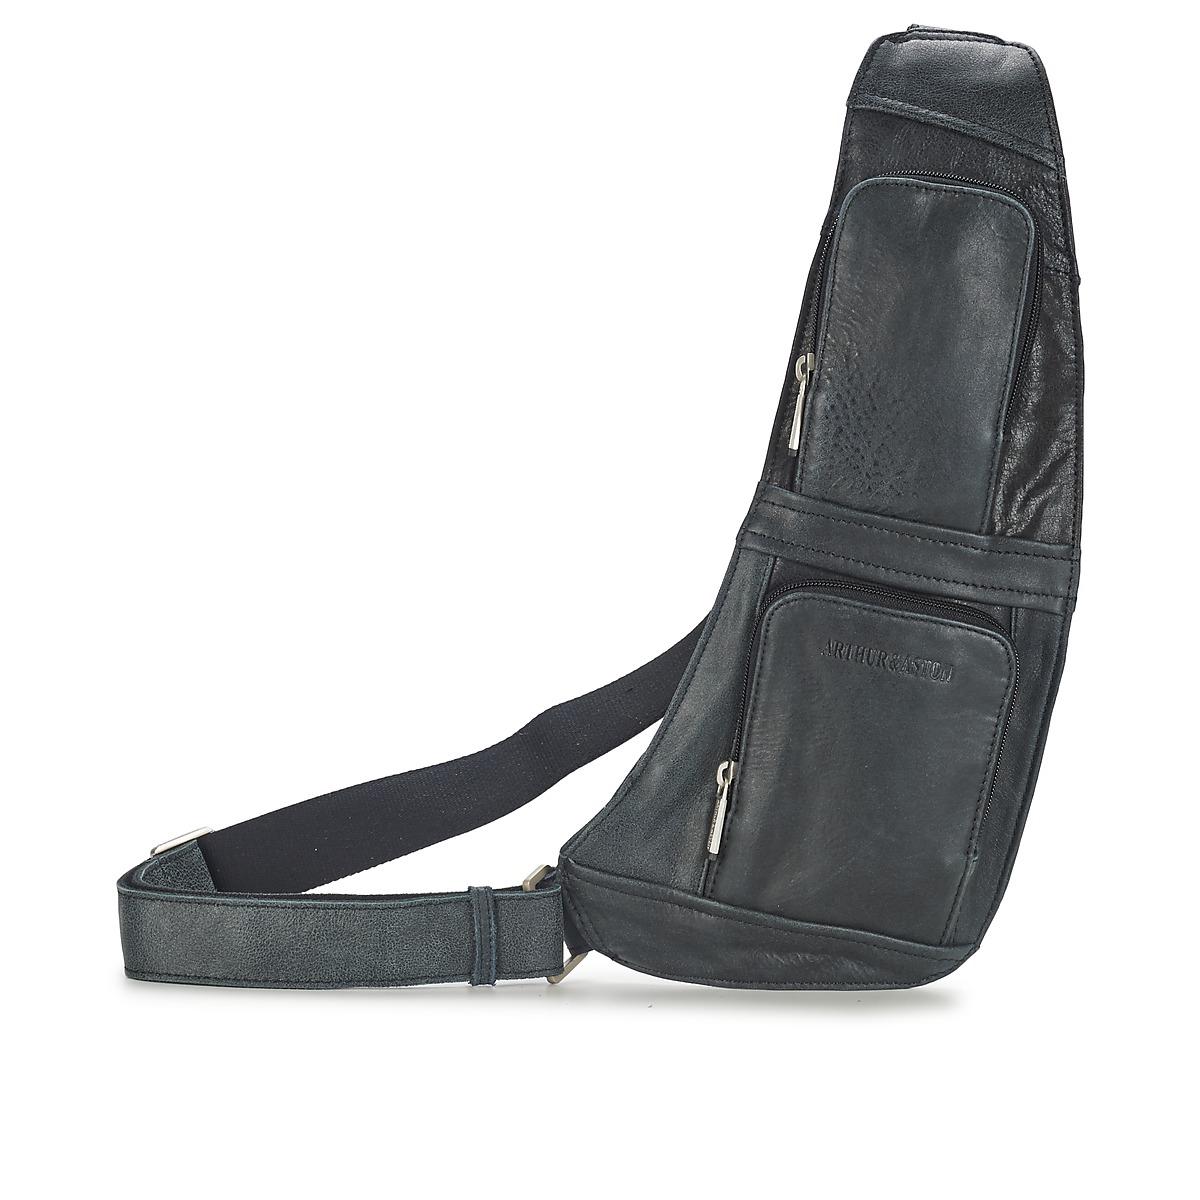 arthur aston miguel noir livraison gratuite avec sacs pochettes sacoches. Black Bedroom Furniture Sets. Home Design Ideas